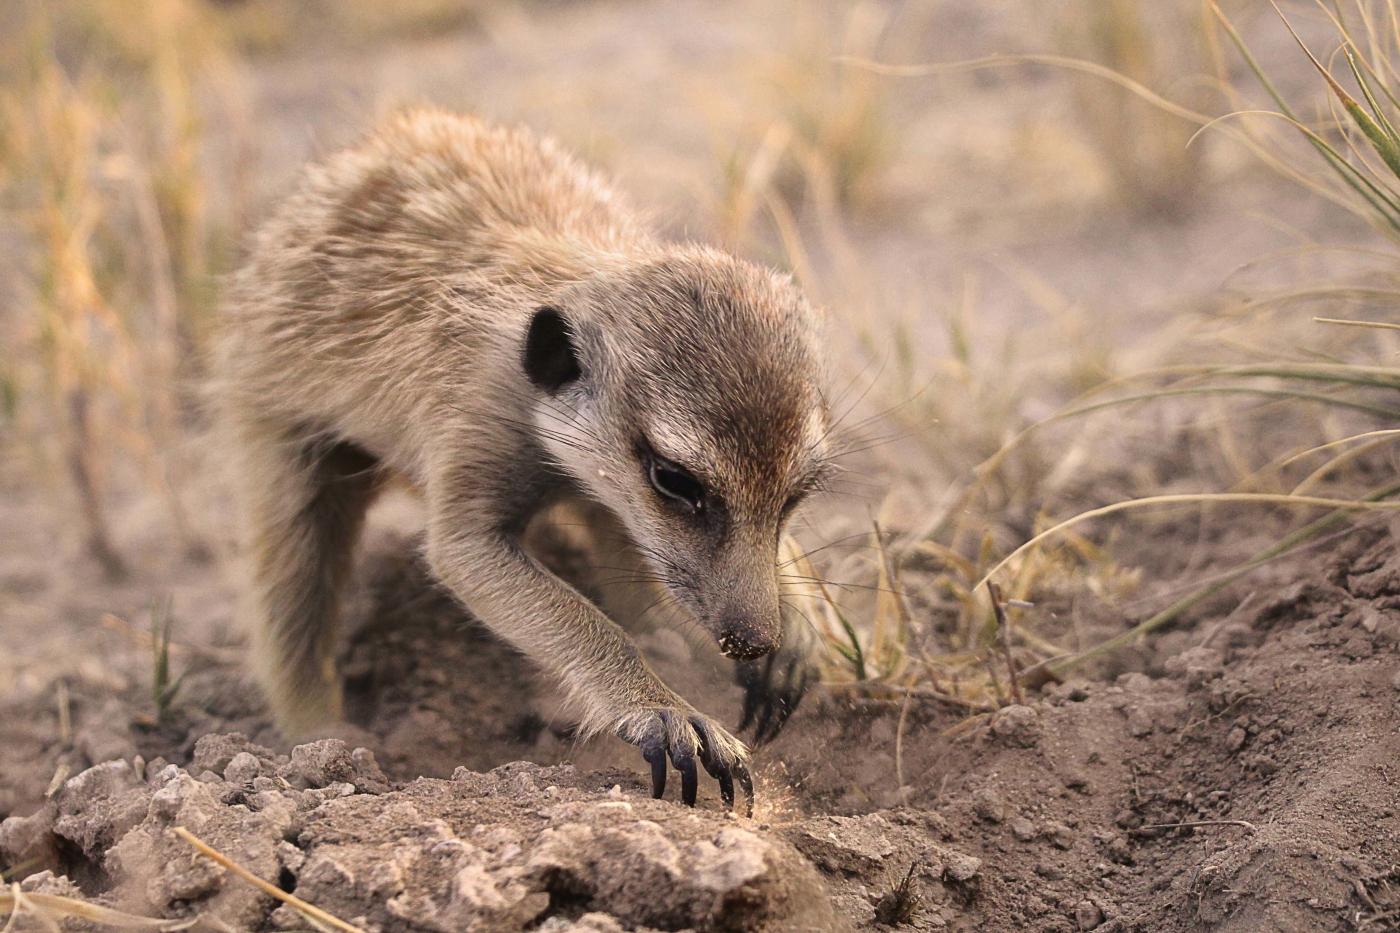 young meerkat foraging